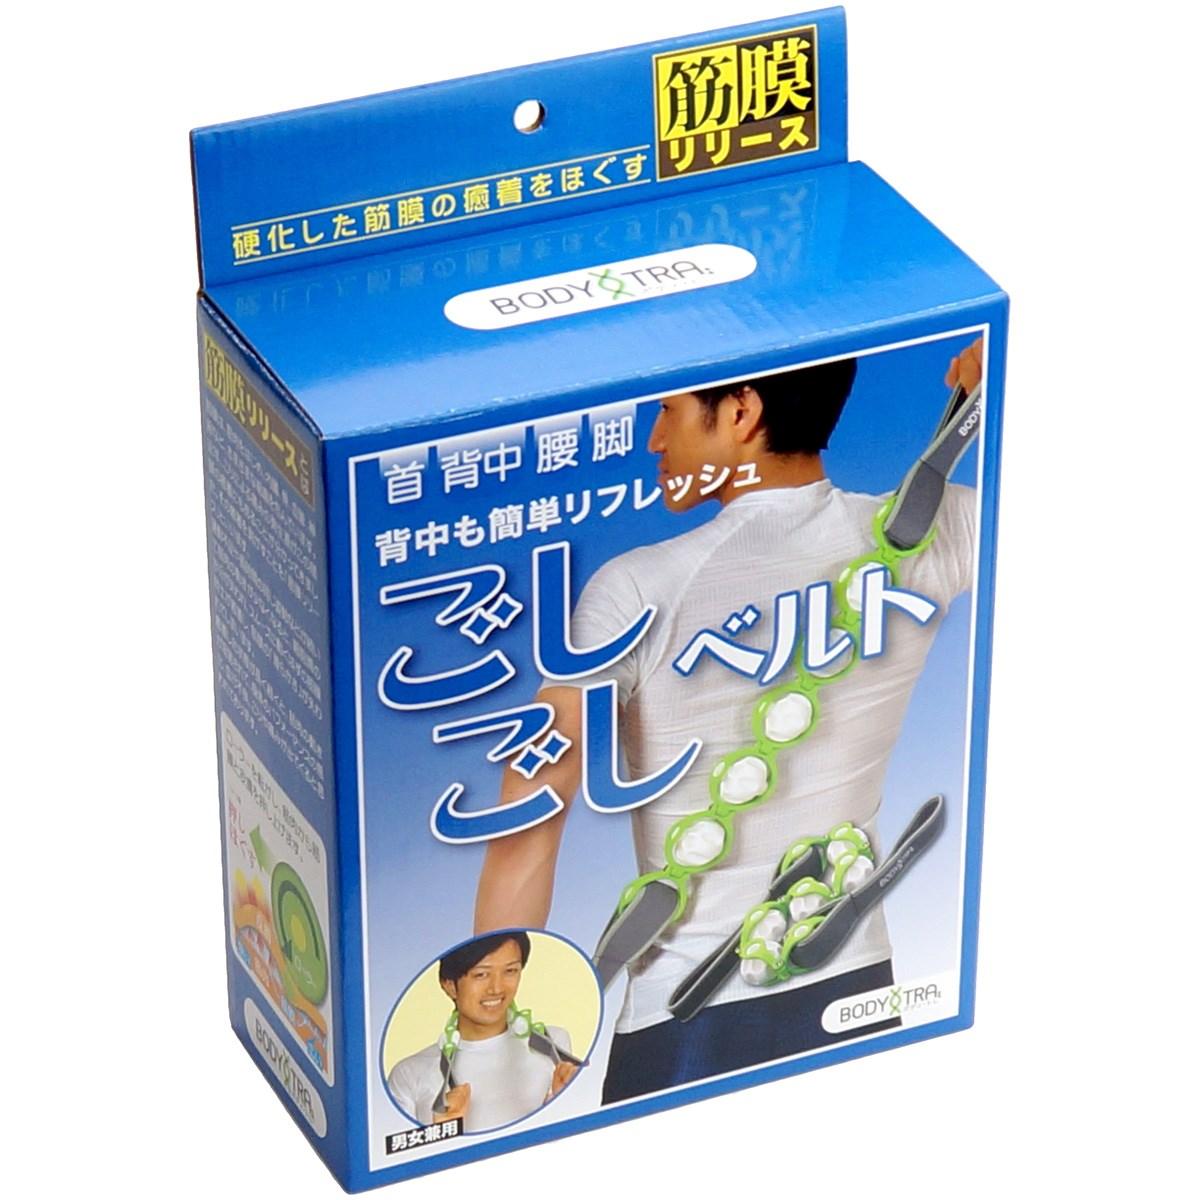 朝日ゴルフ用品(ASAHI GOLF CO.,LTD) Bodyトレ 筋膜リリース フォームローラーベルト ごしごしベルト